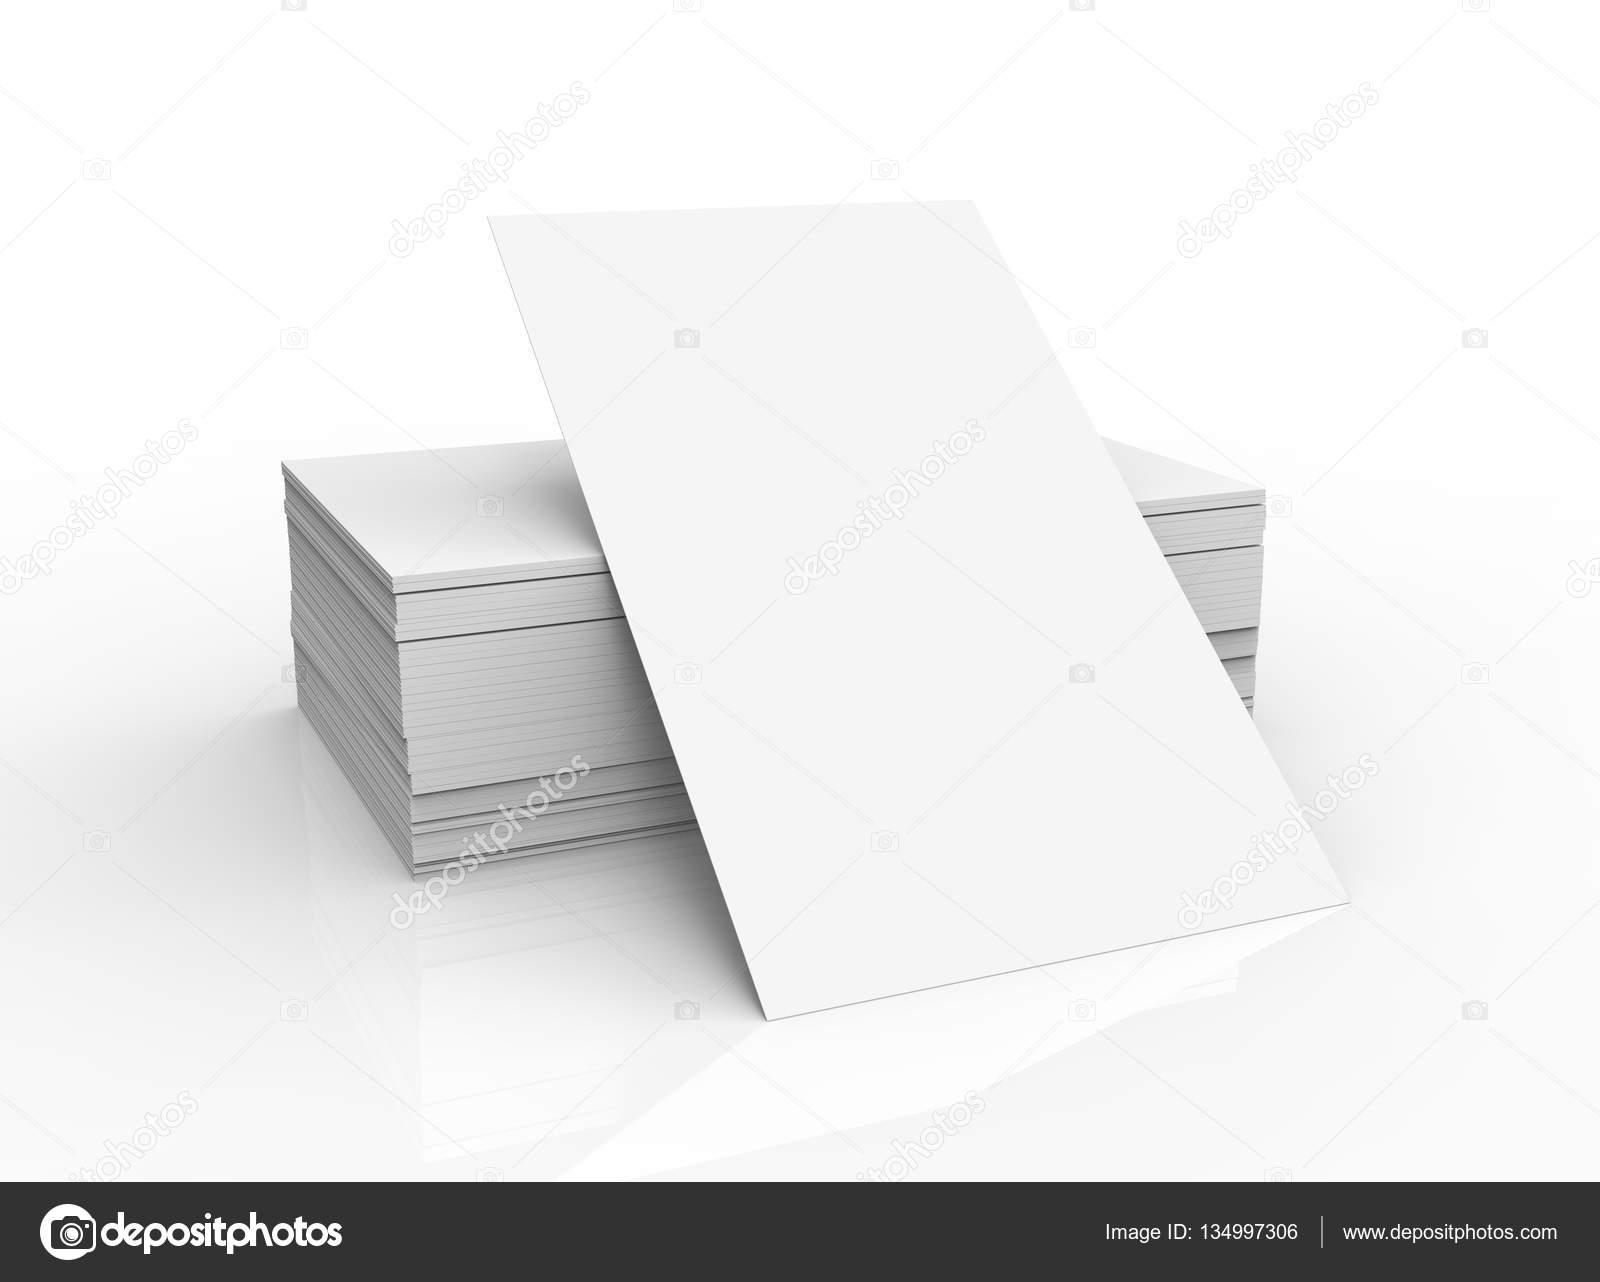 Pile De Modele Carte Visite Non Vierge Pour Edite Isole Sur Fond Blanc Image HstrongART